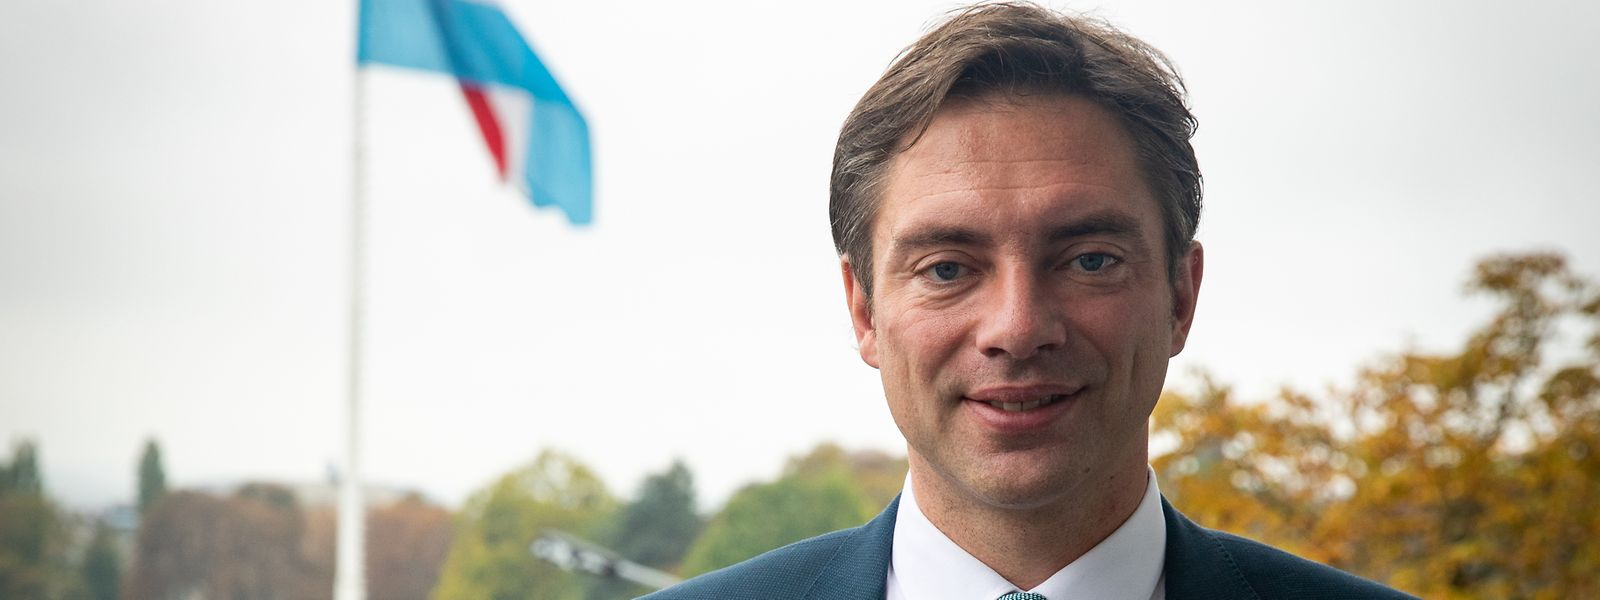 Fred Keup se donne trois ans pour montrer qu'il peut maîtriser d'autres thèmes que ceux qui l'animaient lors du référendum de 2015.